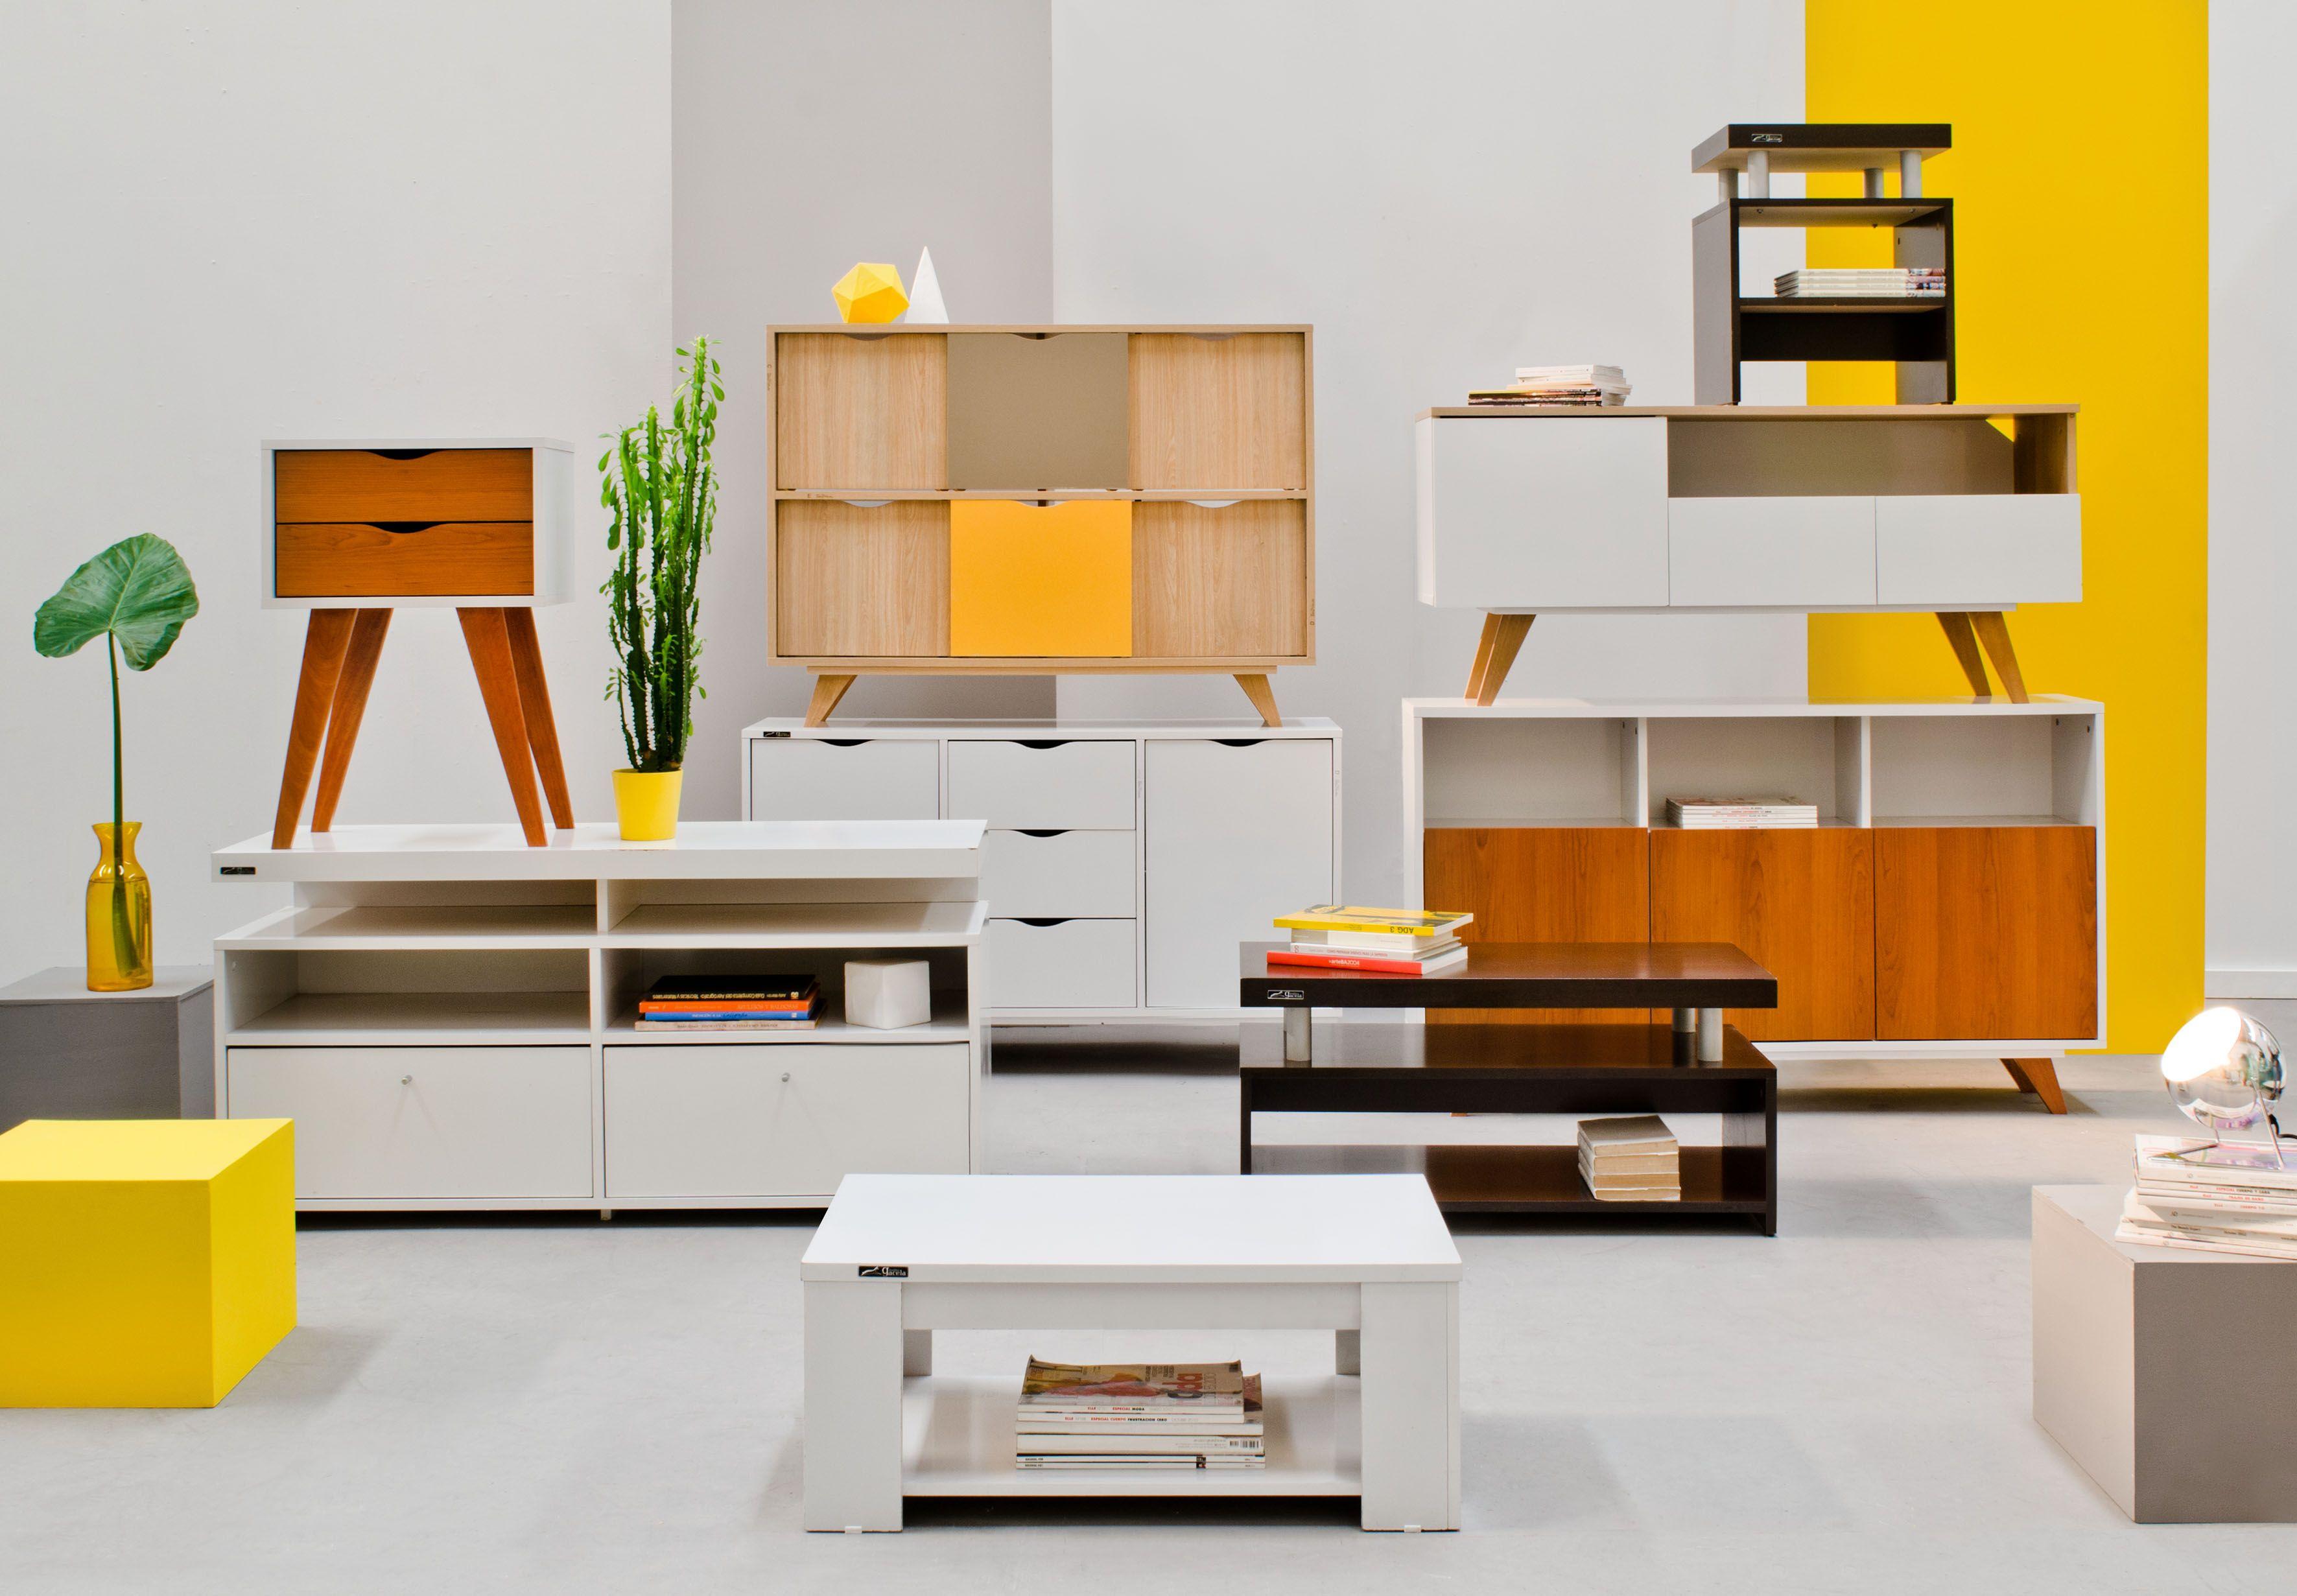 Línea Escandinava #Muebles #Easy #Decoracion | Muebles de Interior ...